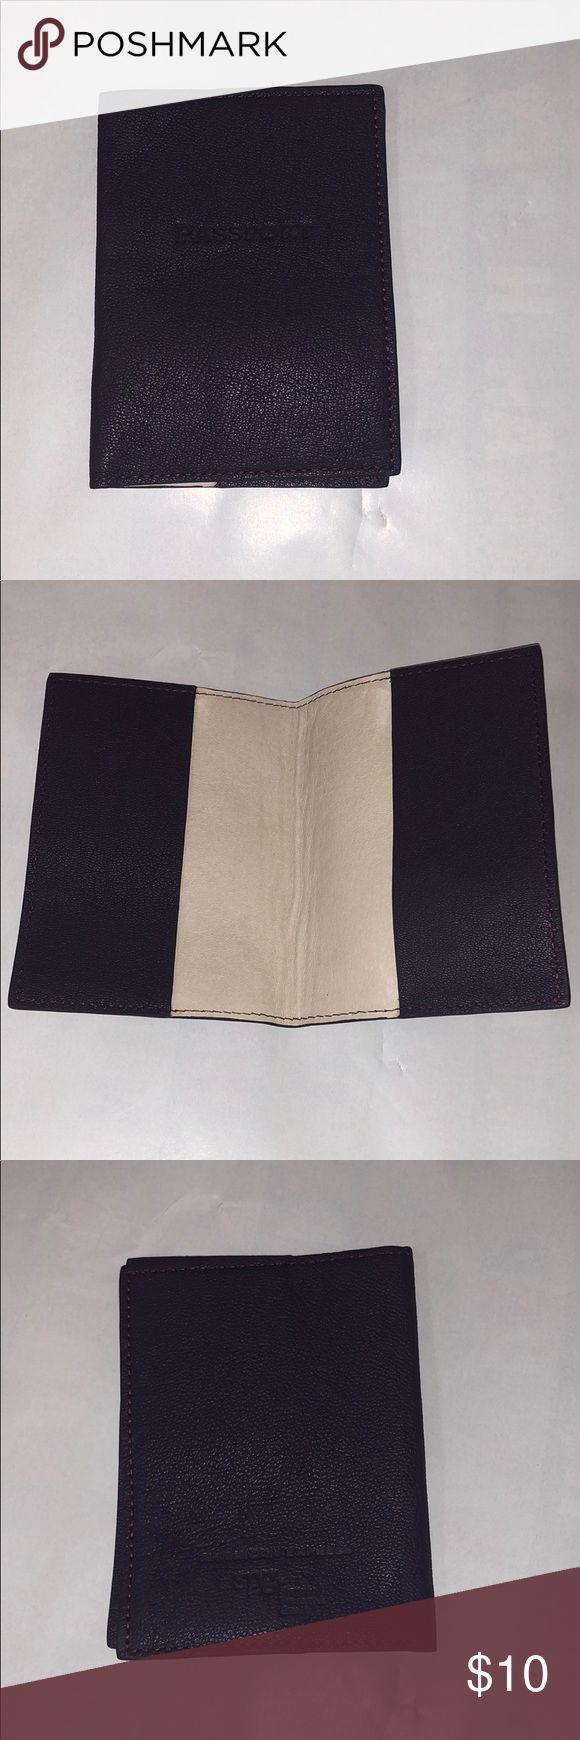 BRAND NEW passport case Purple leather passport case Accessories